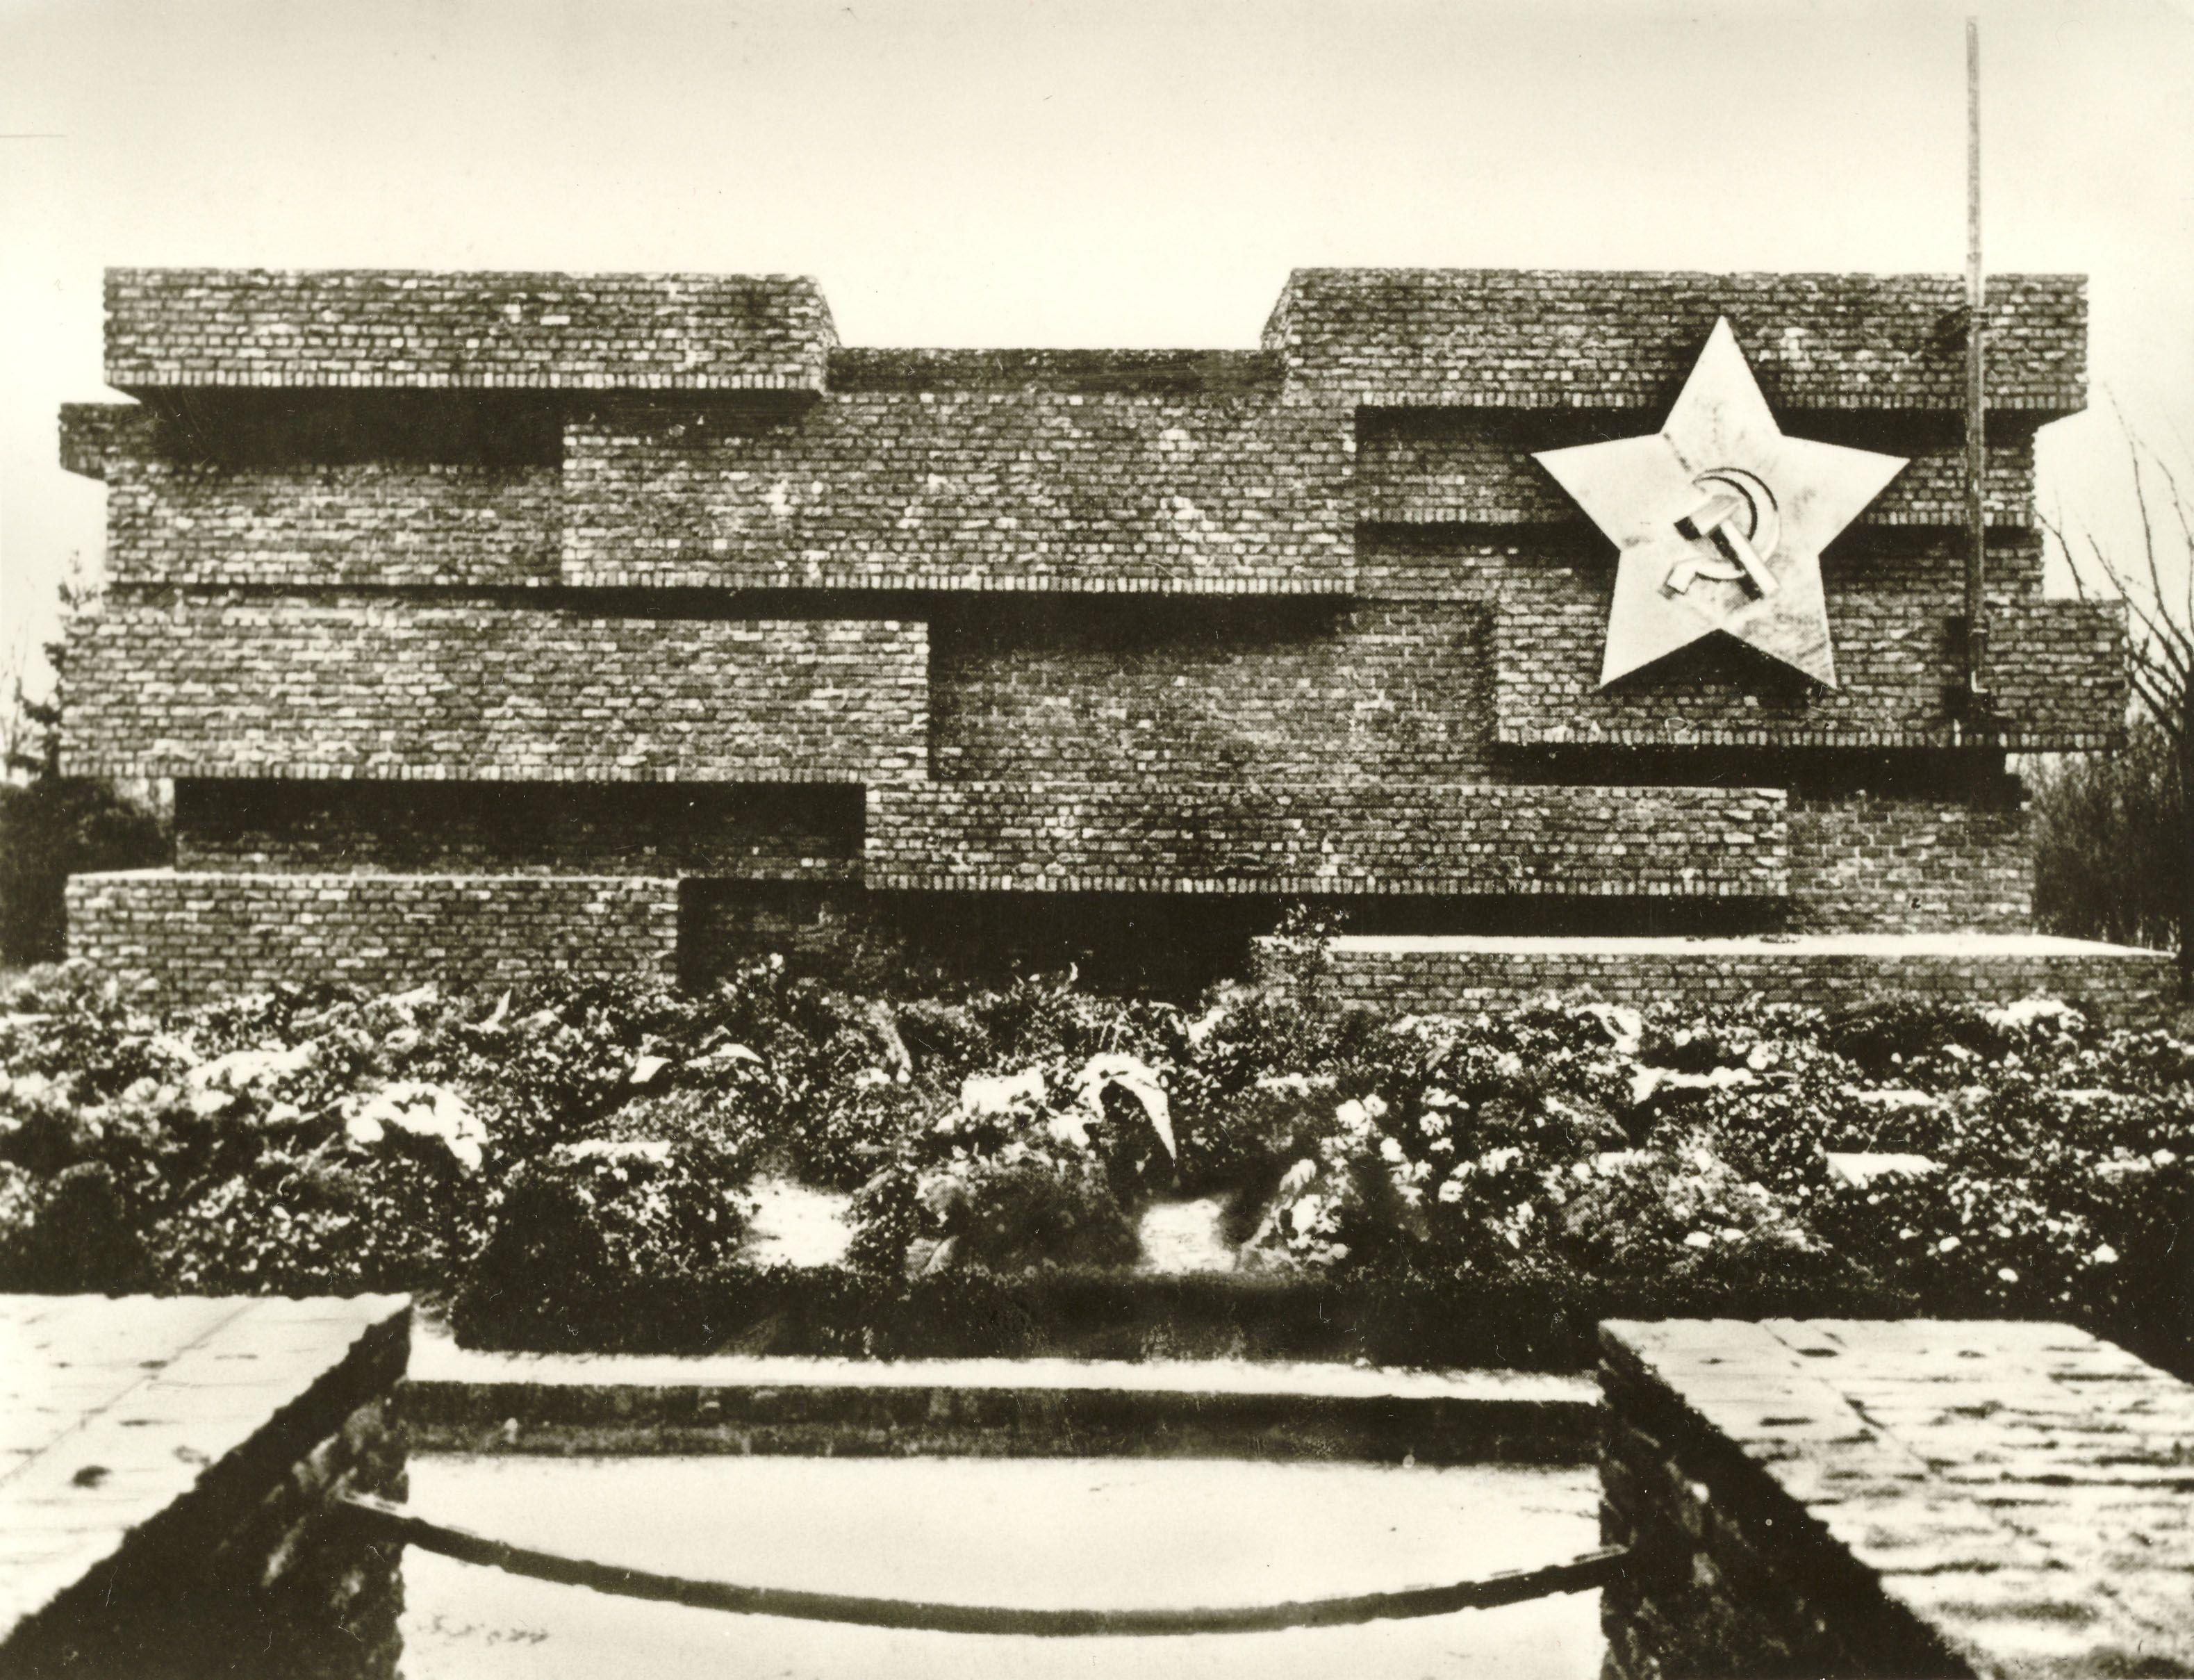 Revolutionsdenkmal auf dem Zentralfriedhof Friedrichsfelde. Bauhaus-Archiv.